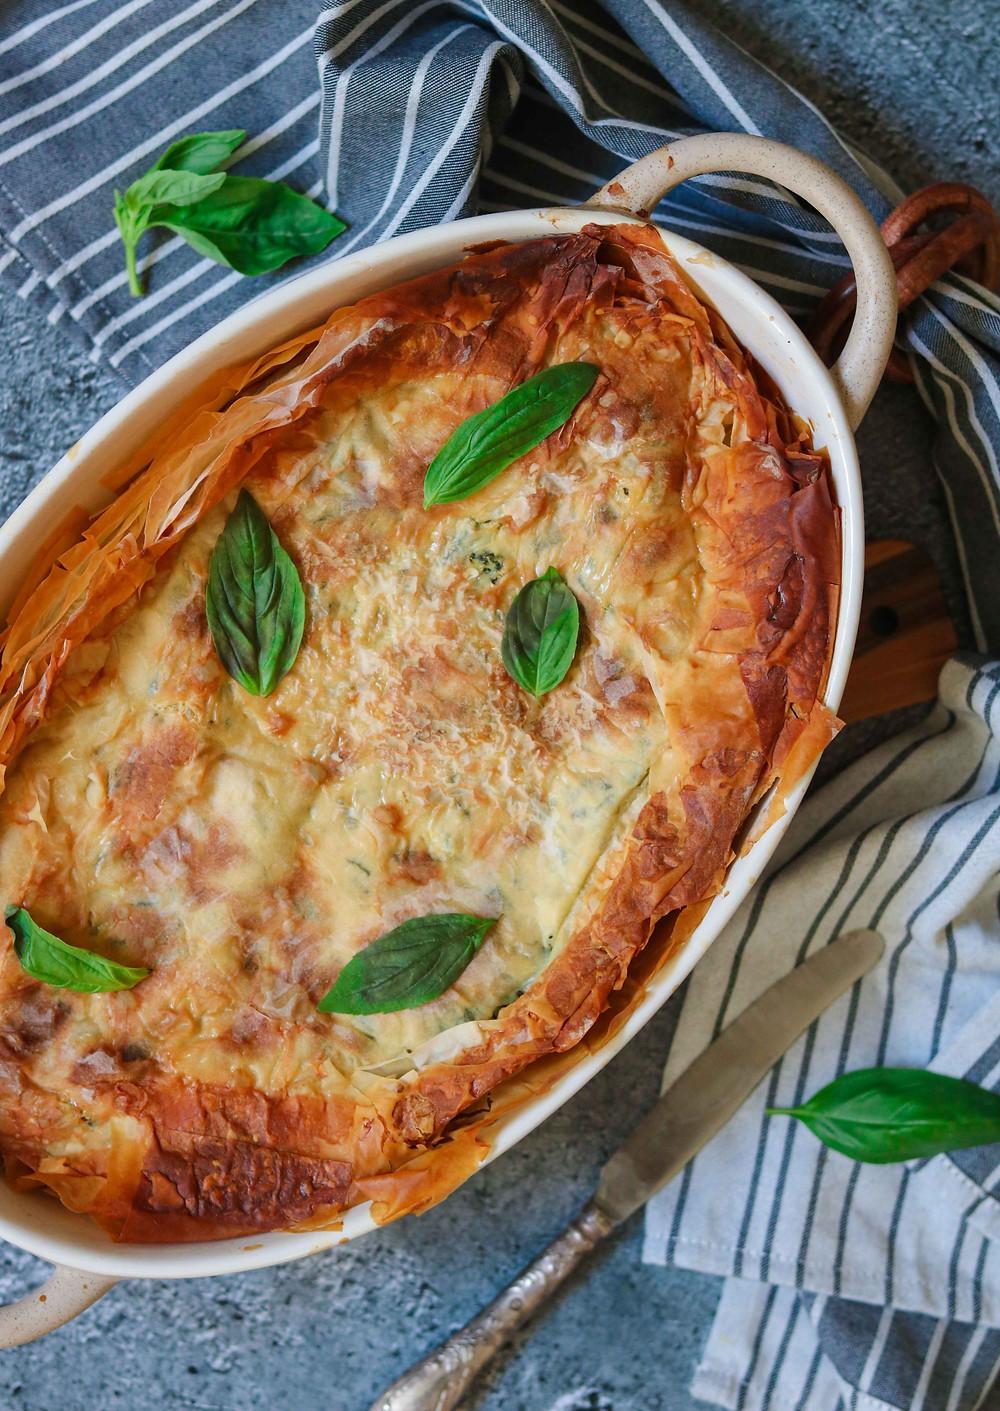 מאפה פילו טבעוני במילוי גבינה טבעונית עם טופו קשיו בזיליקום וקייל